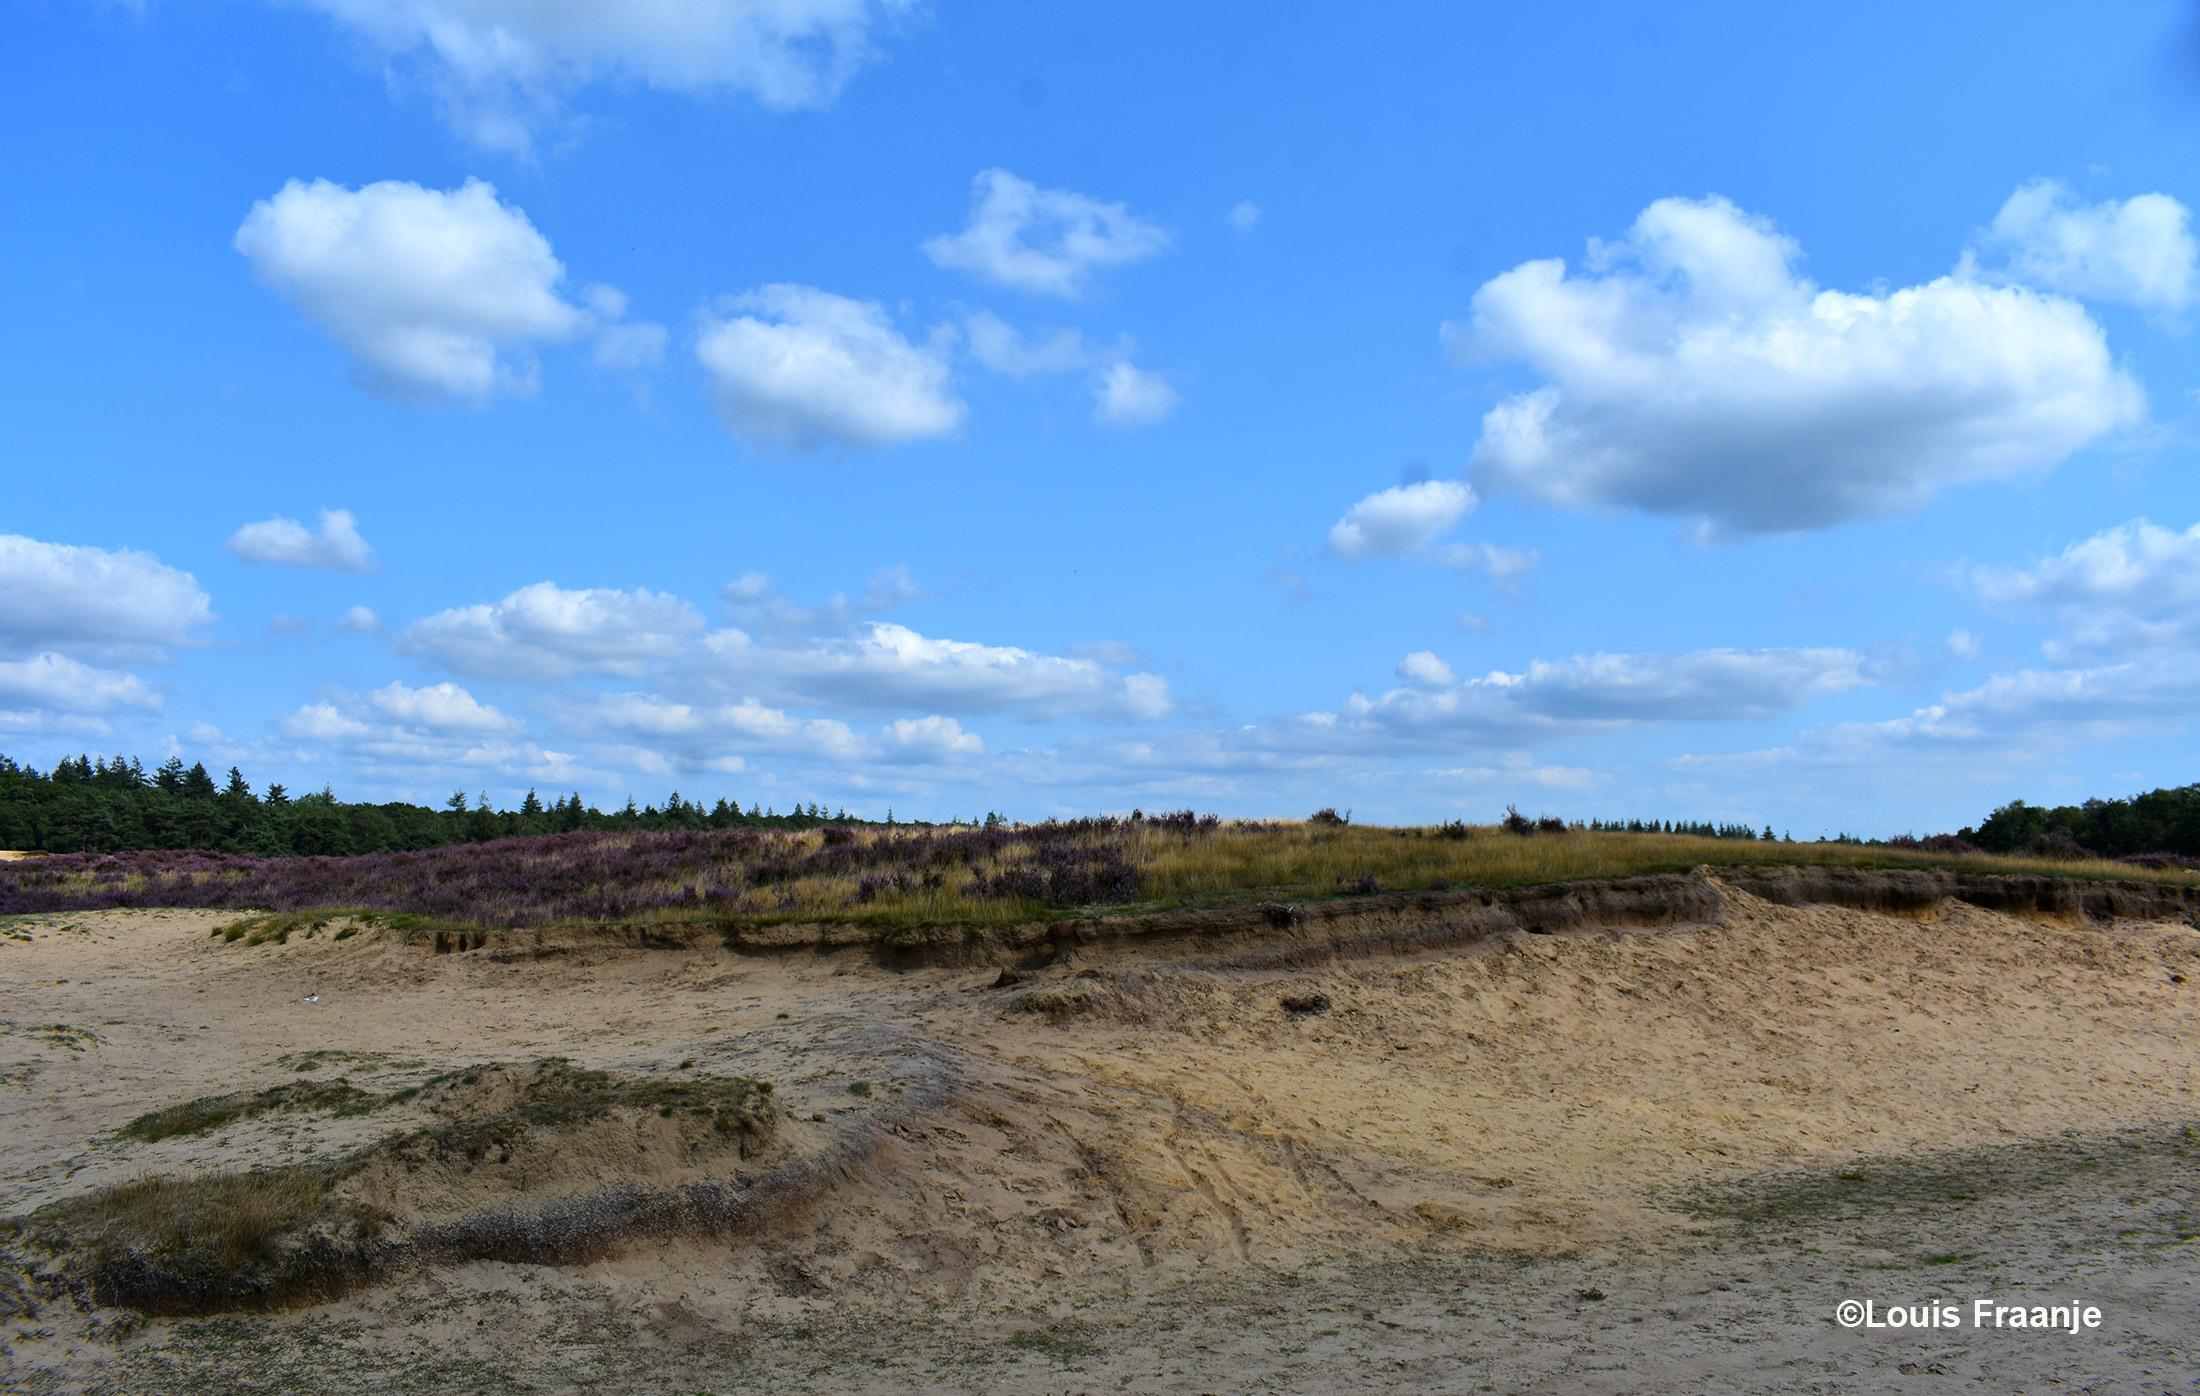 Langs de oude zandweg zien we ook duidelijk de oerbanken, die bloot kwamen te liggen door de wind - Foto: ©Louis Fraanje